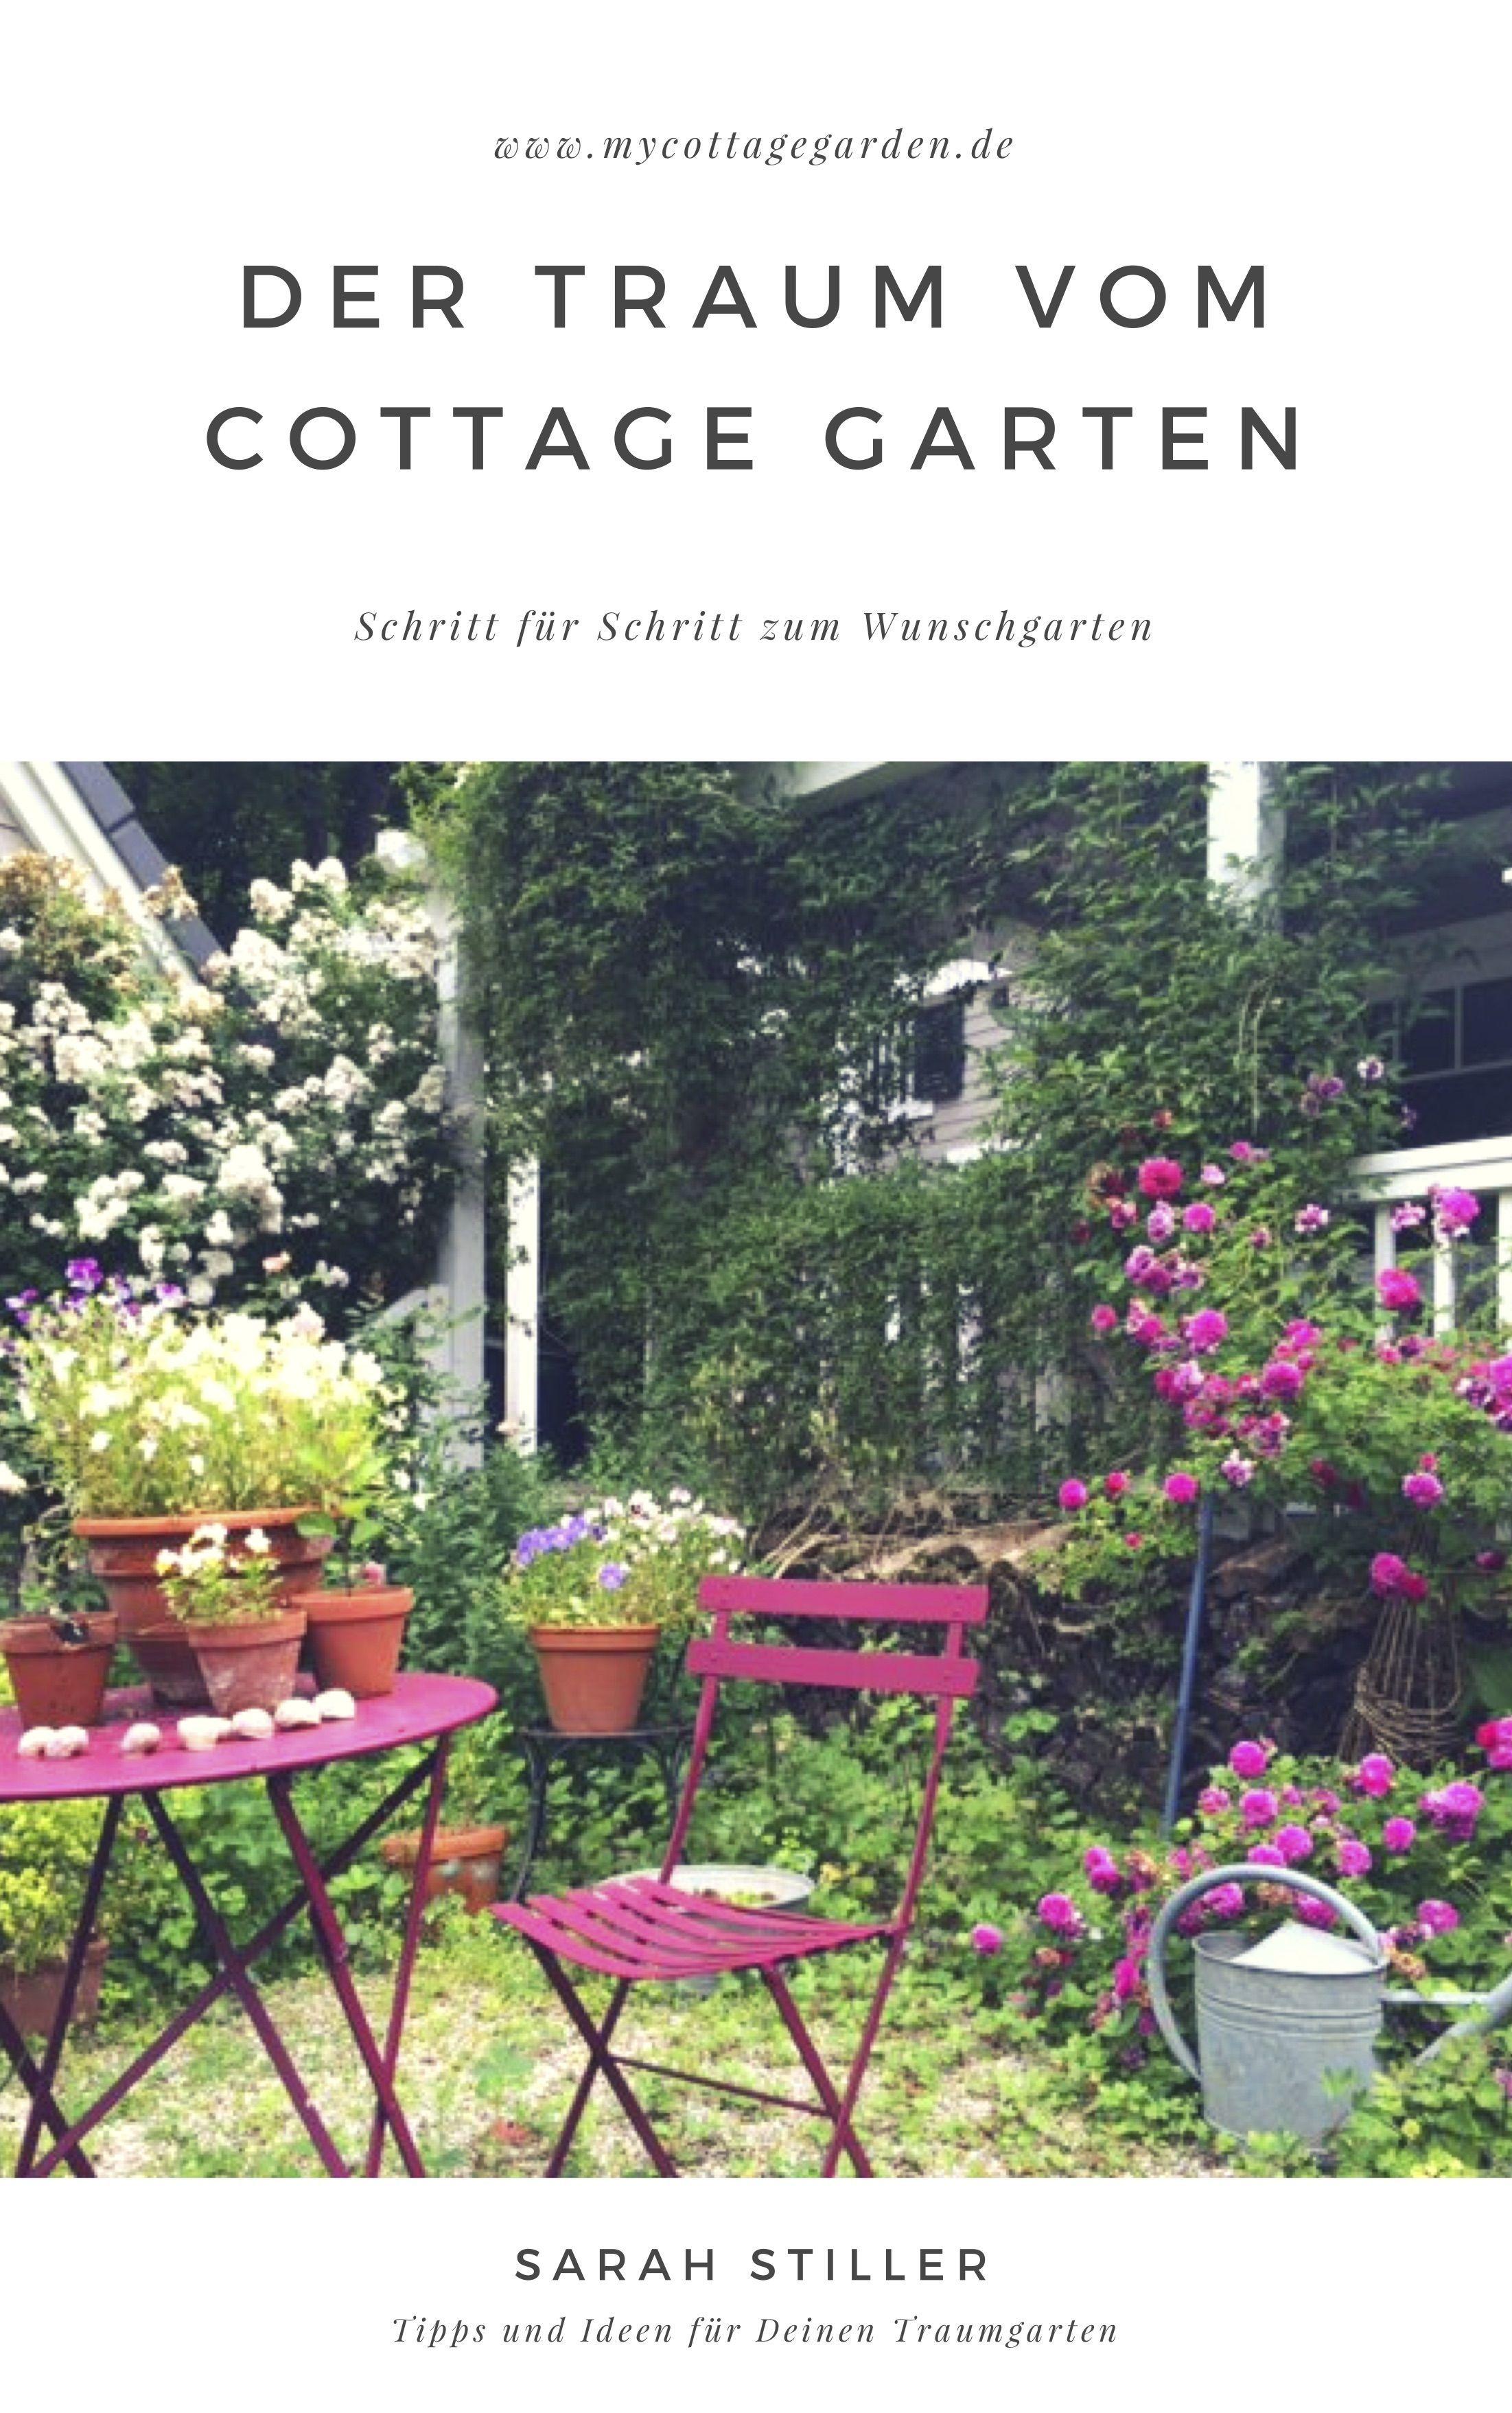 Auf 14 Seiten Bekommst Du Eine Schritt Fur Schritt Anleitung Wie Du Dir Deinen Traum Vom Cottage Garten Ein Cottage Garten Garten Neu Anlegen Gartengestaltung